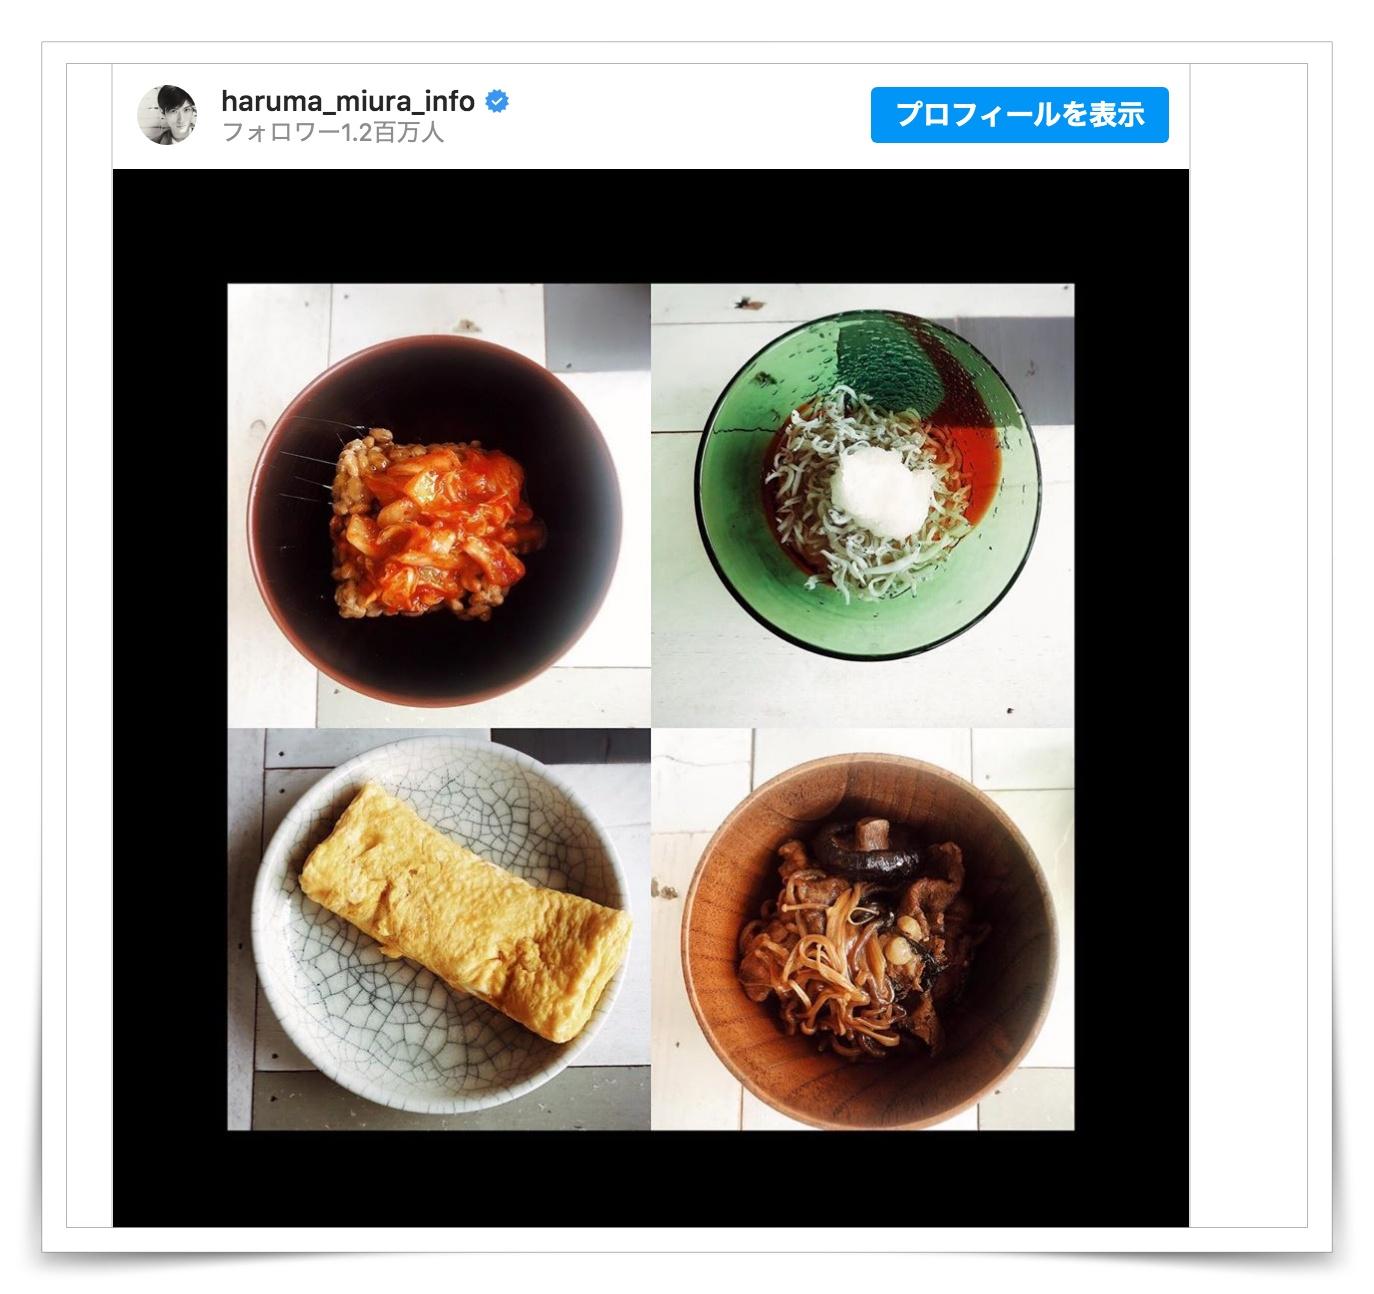 三浦春馬のインスタ料理画像